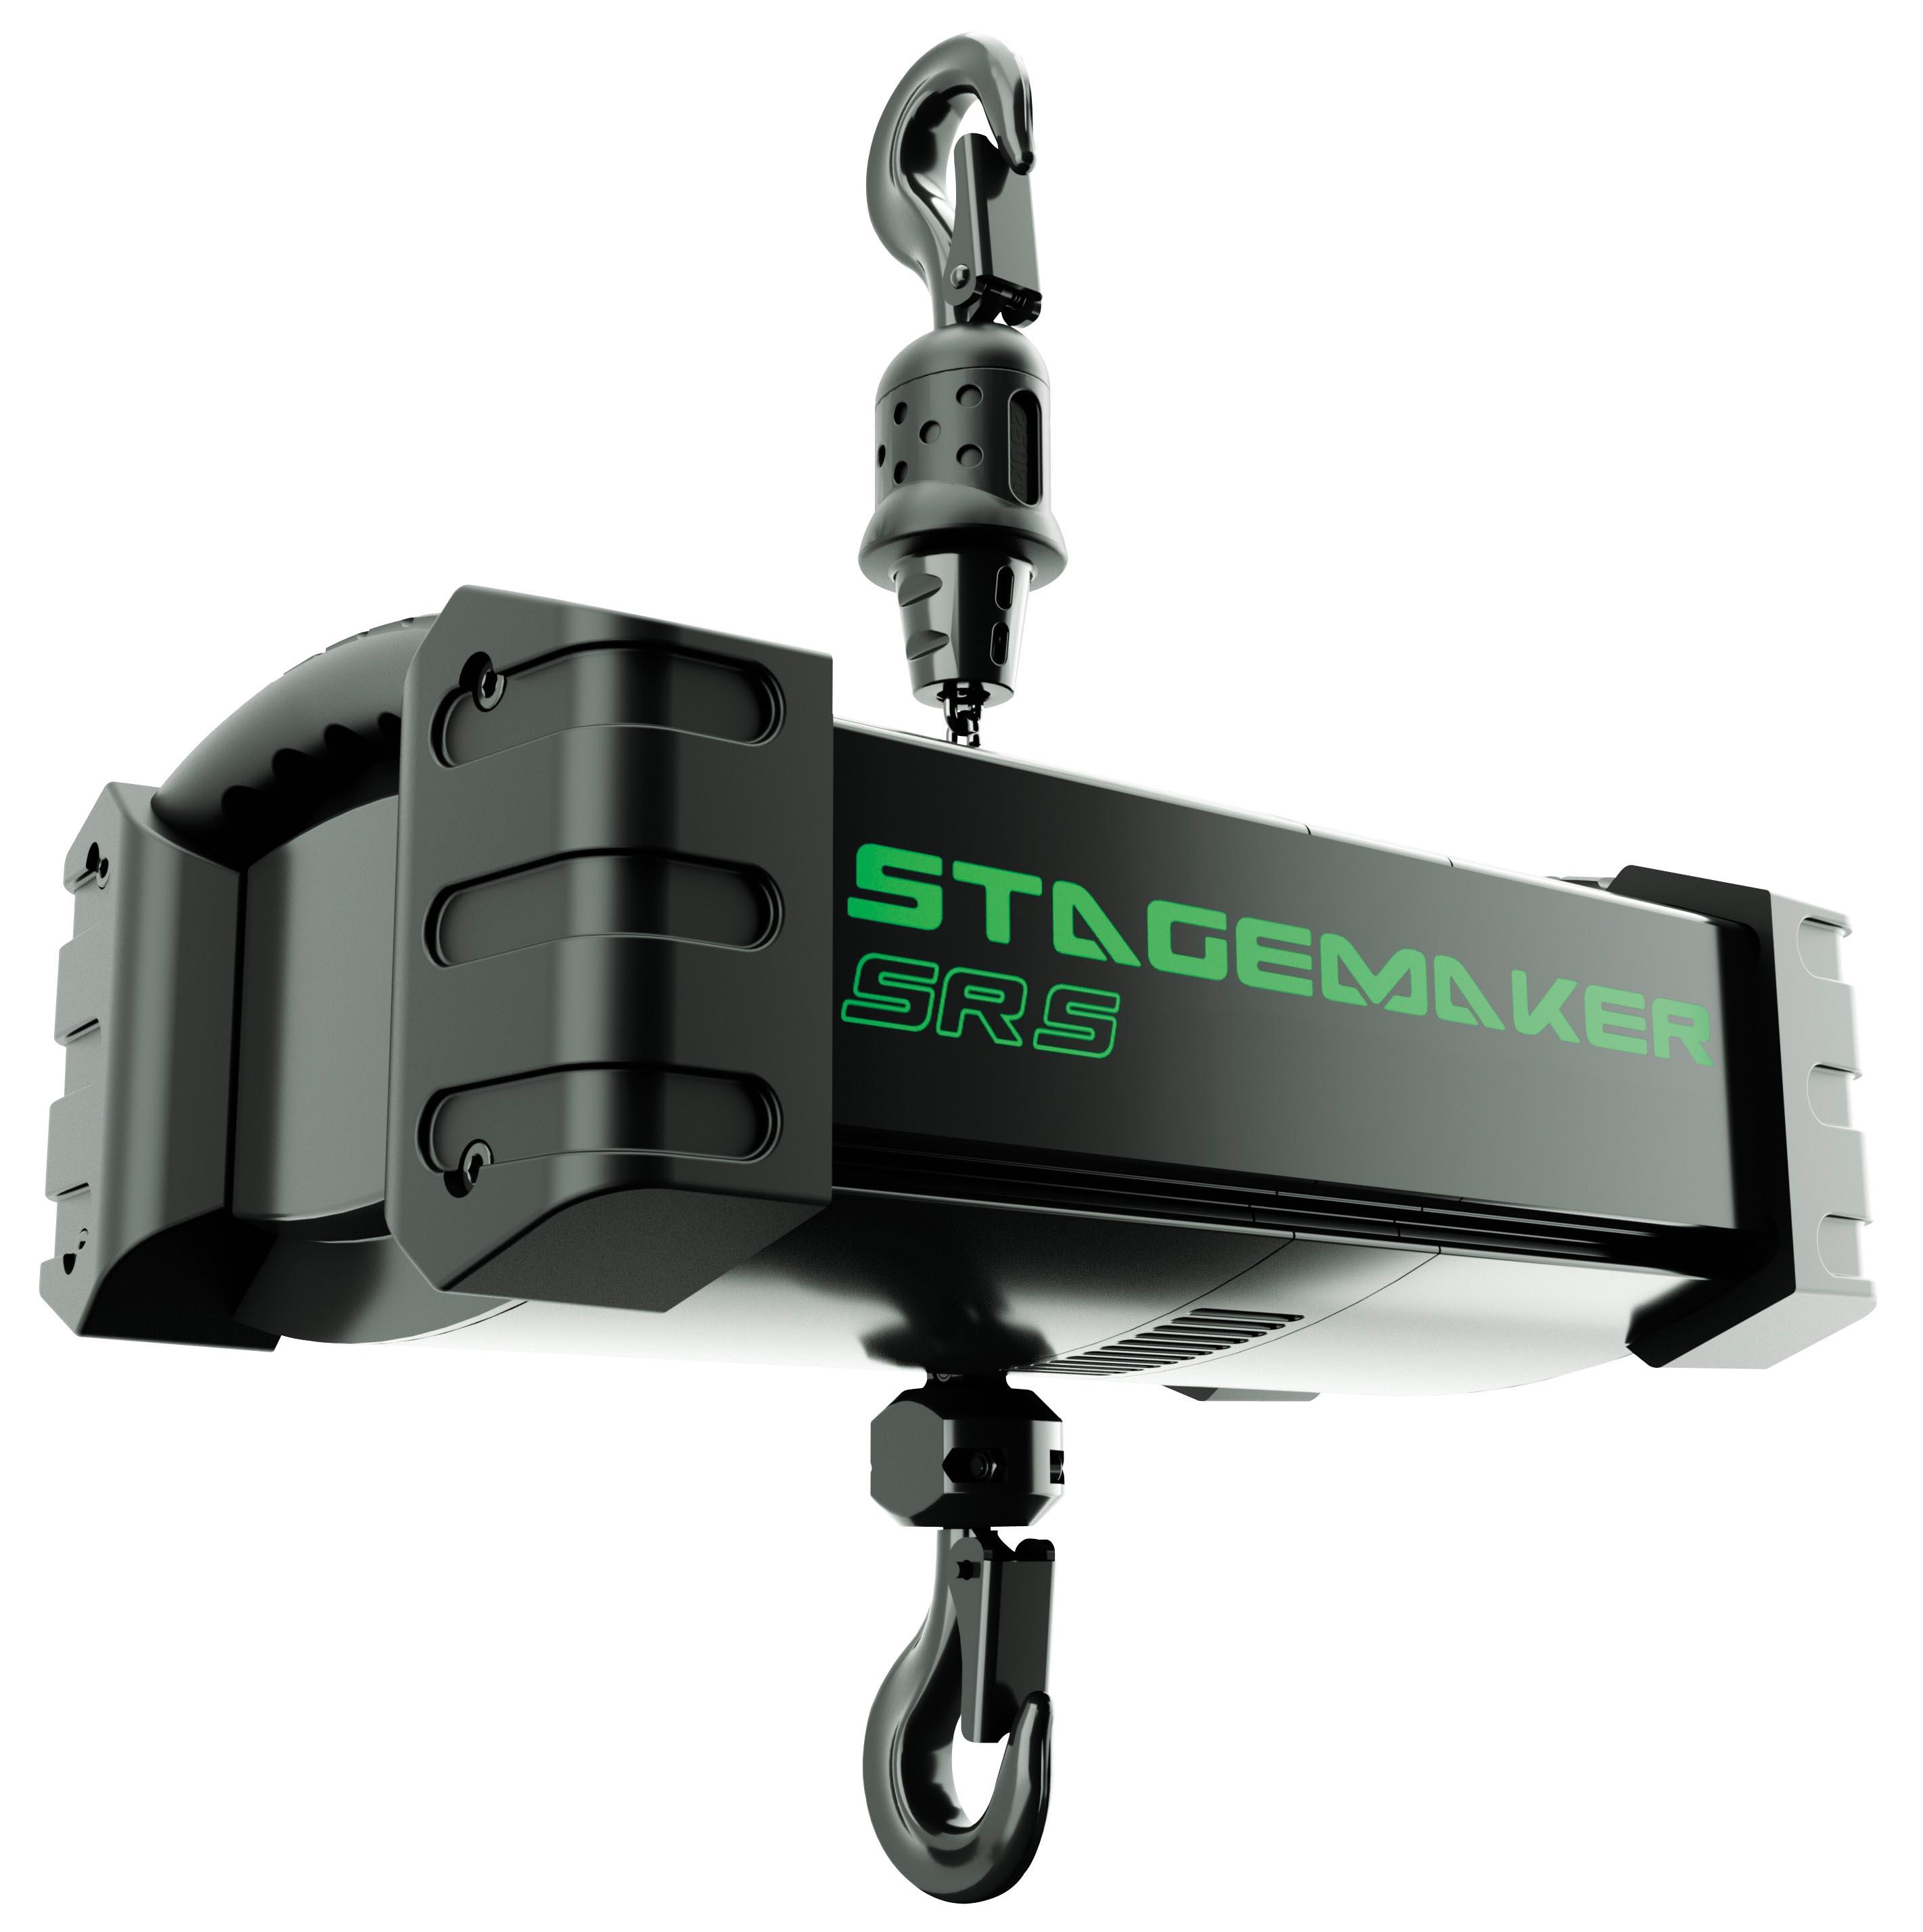 Stagemaker SR5 Motor